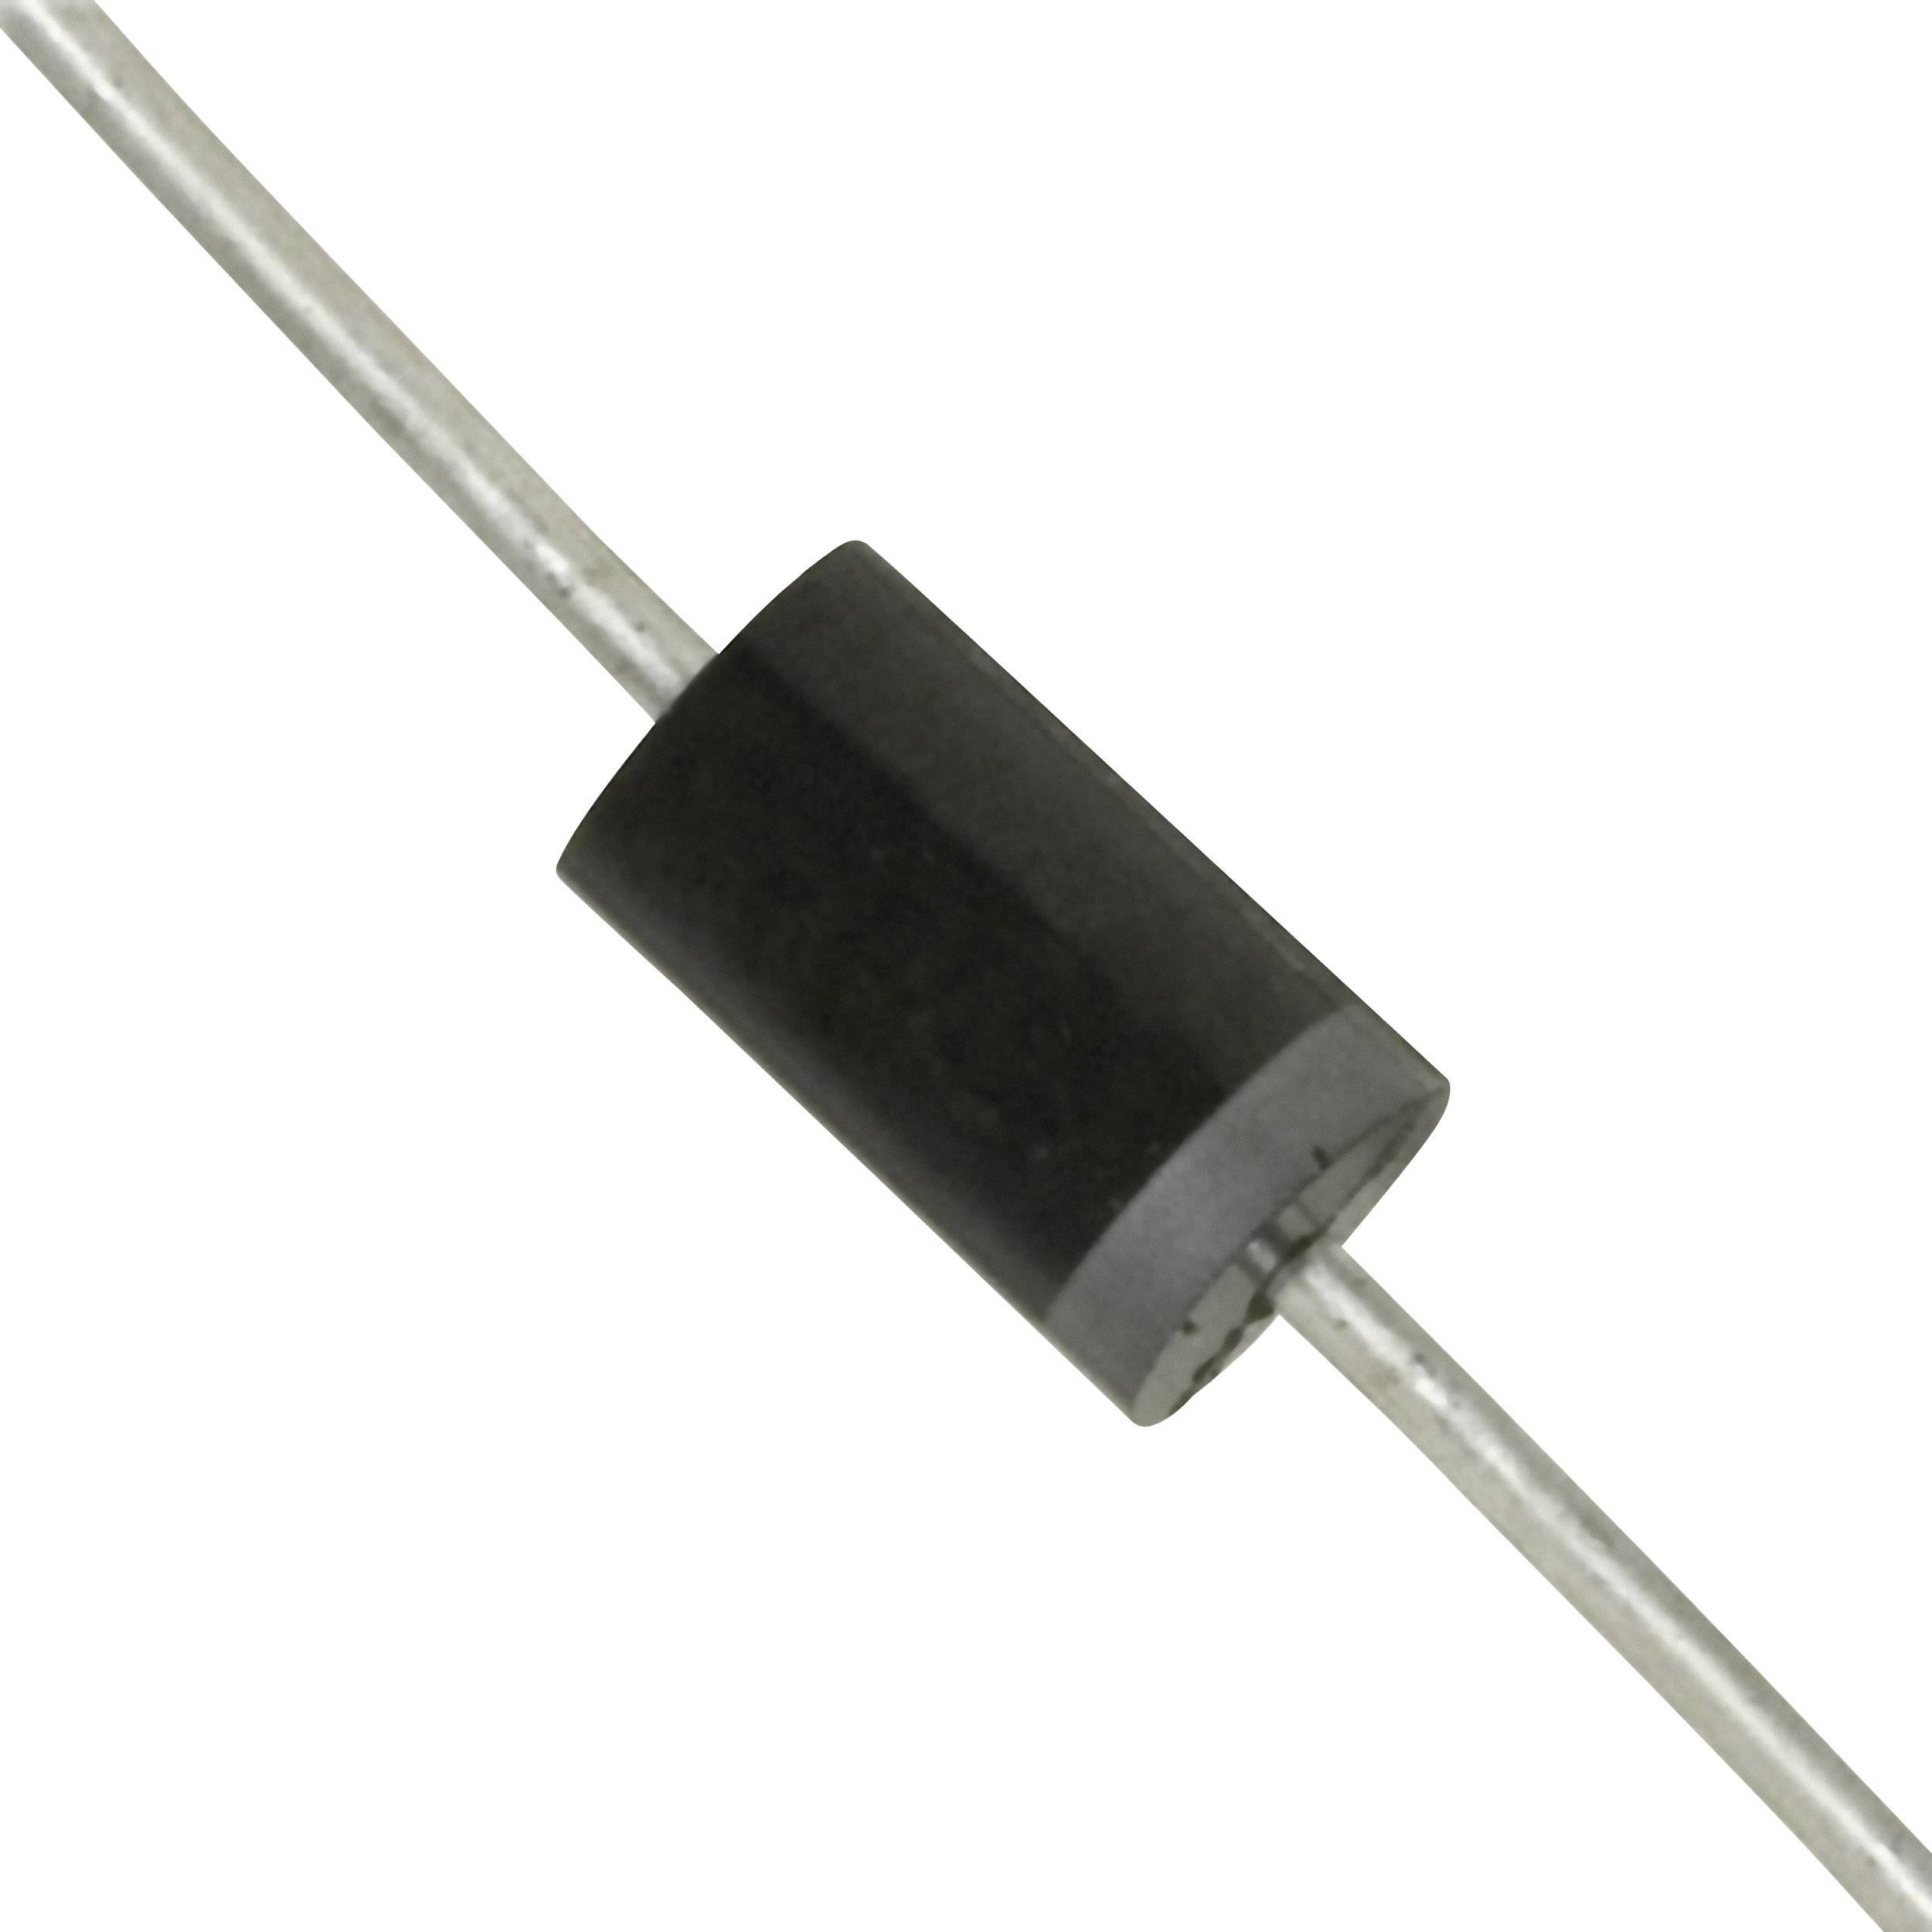 Zenerova dioda Diotec ZPD 5,6 V, 500 mW, DO 35 P